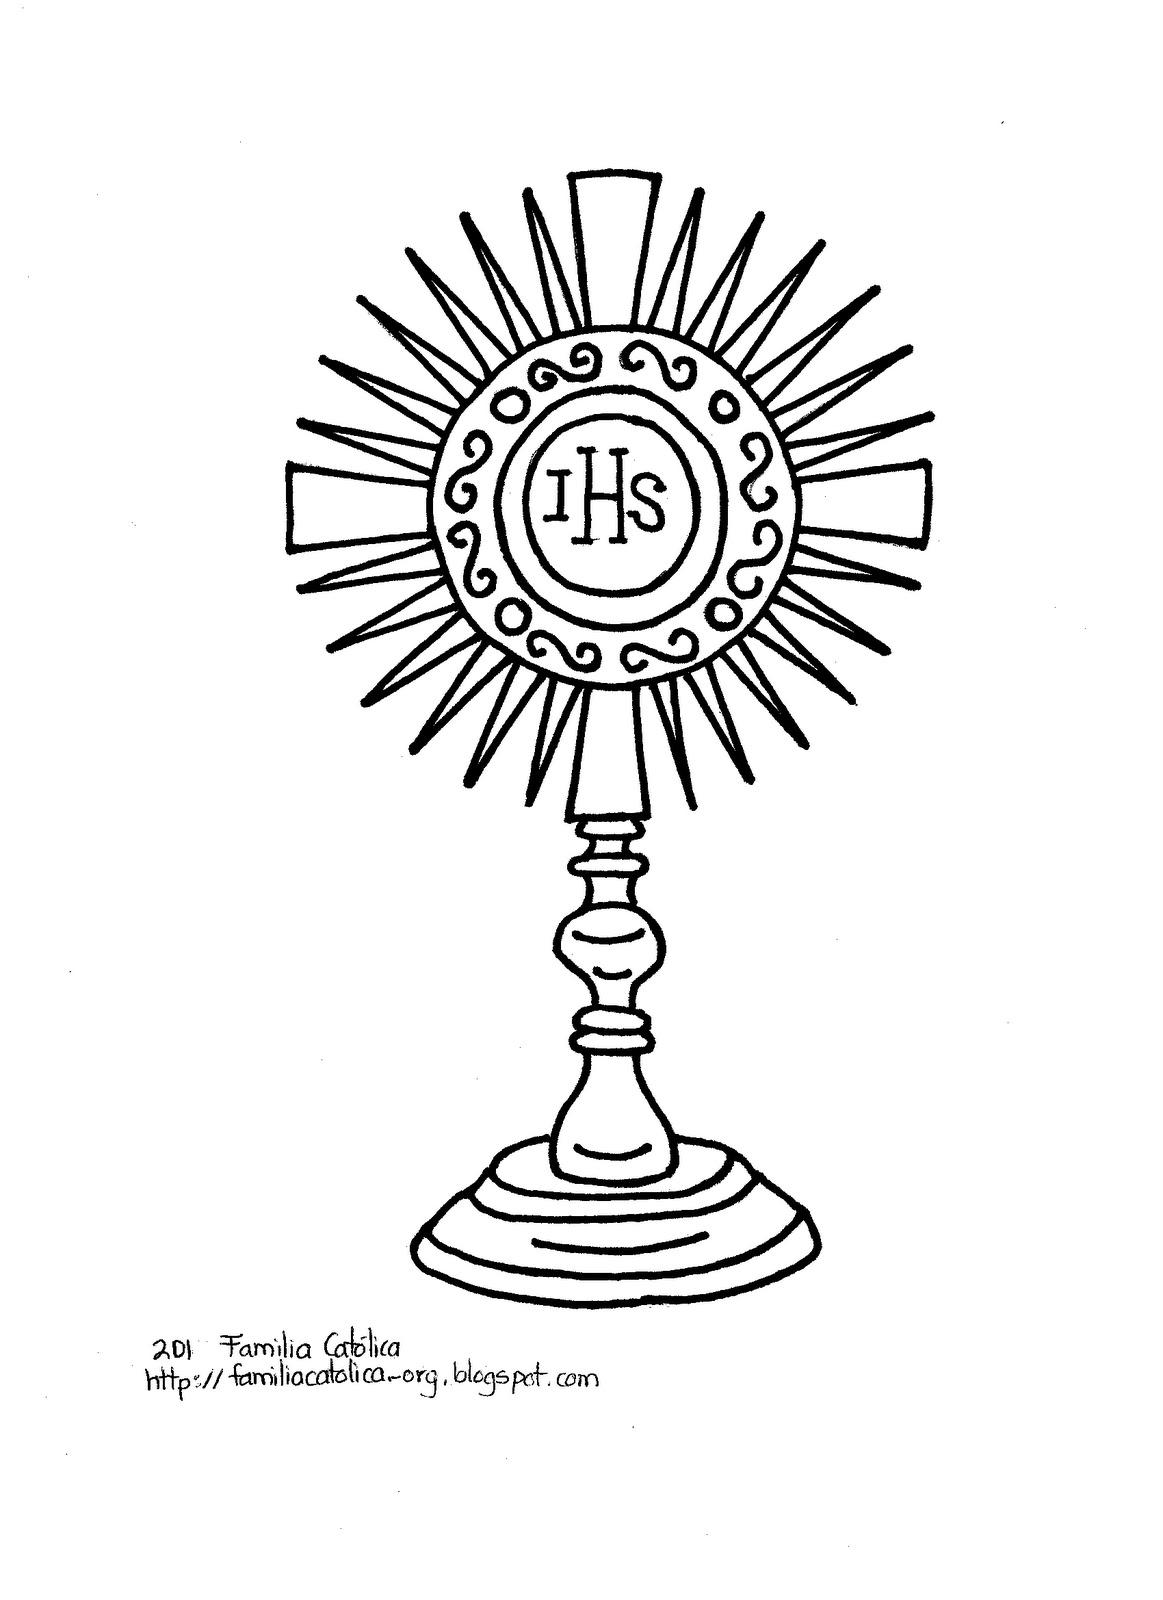 ... Católica: La Santa Eucaristía: Páginas para Colorear para niños